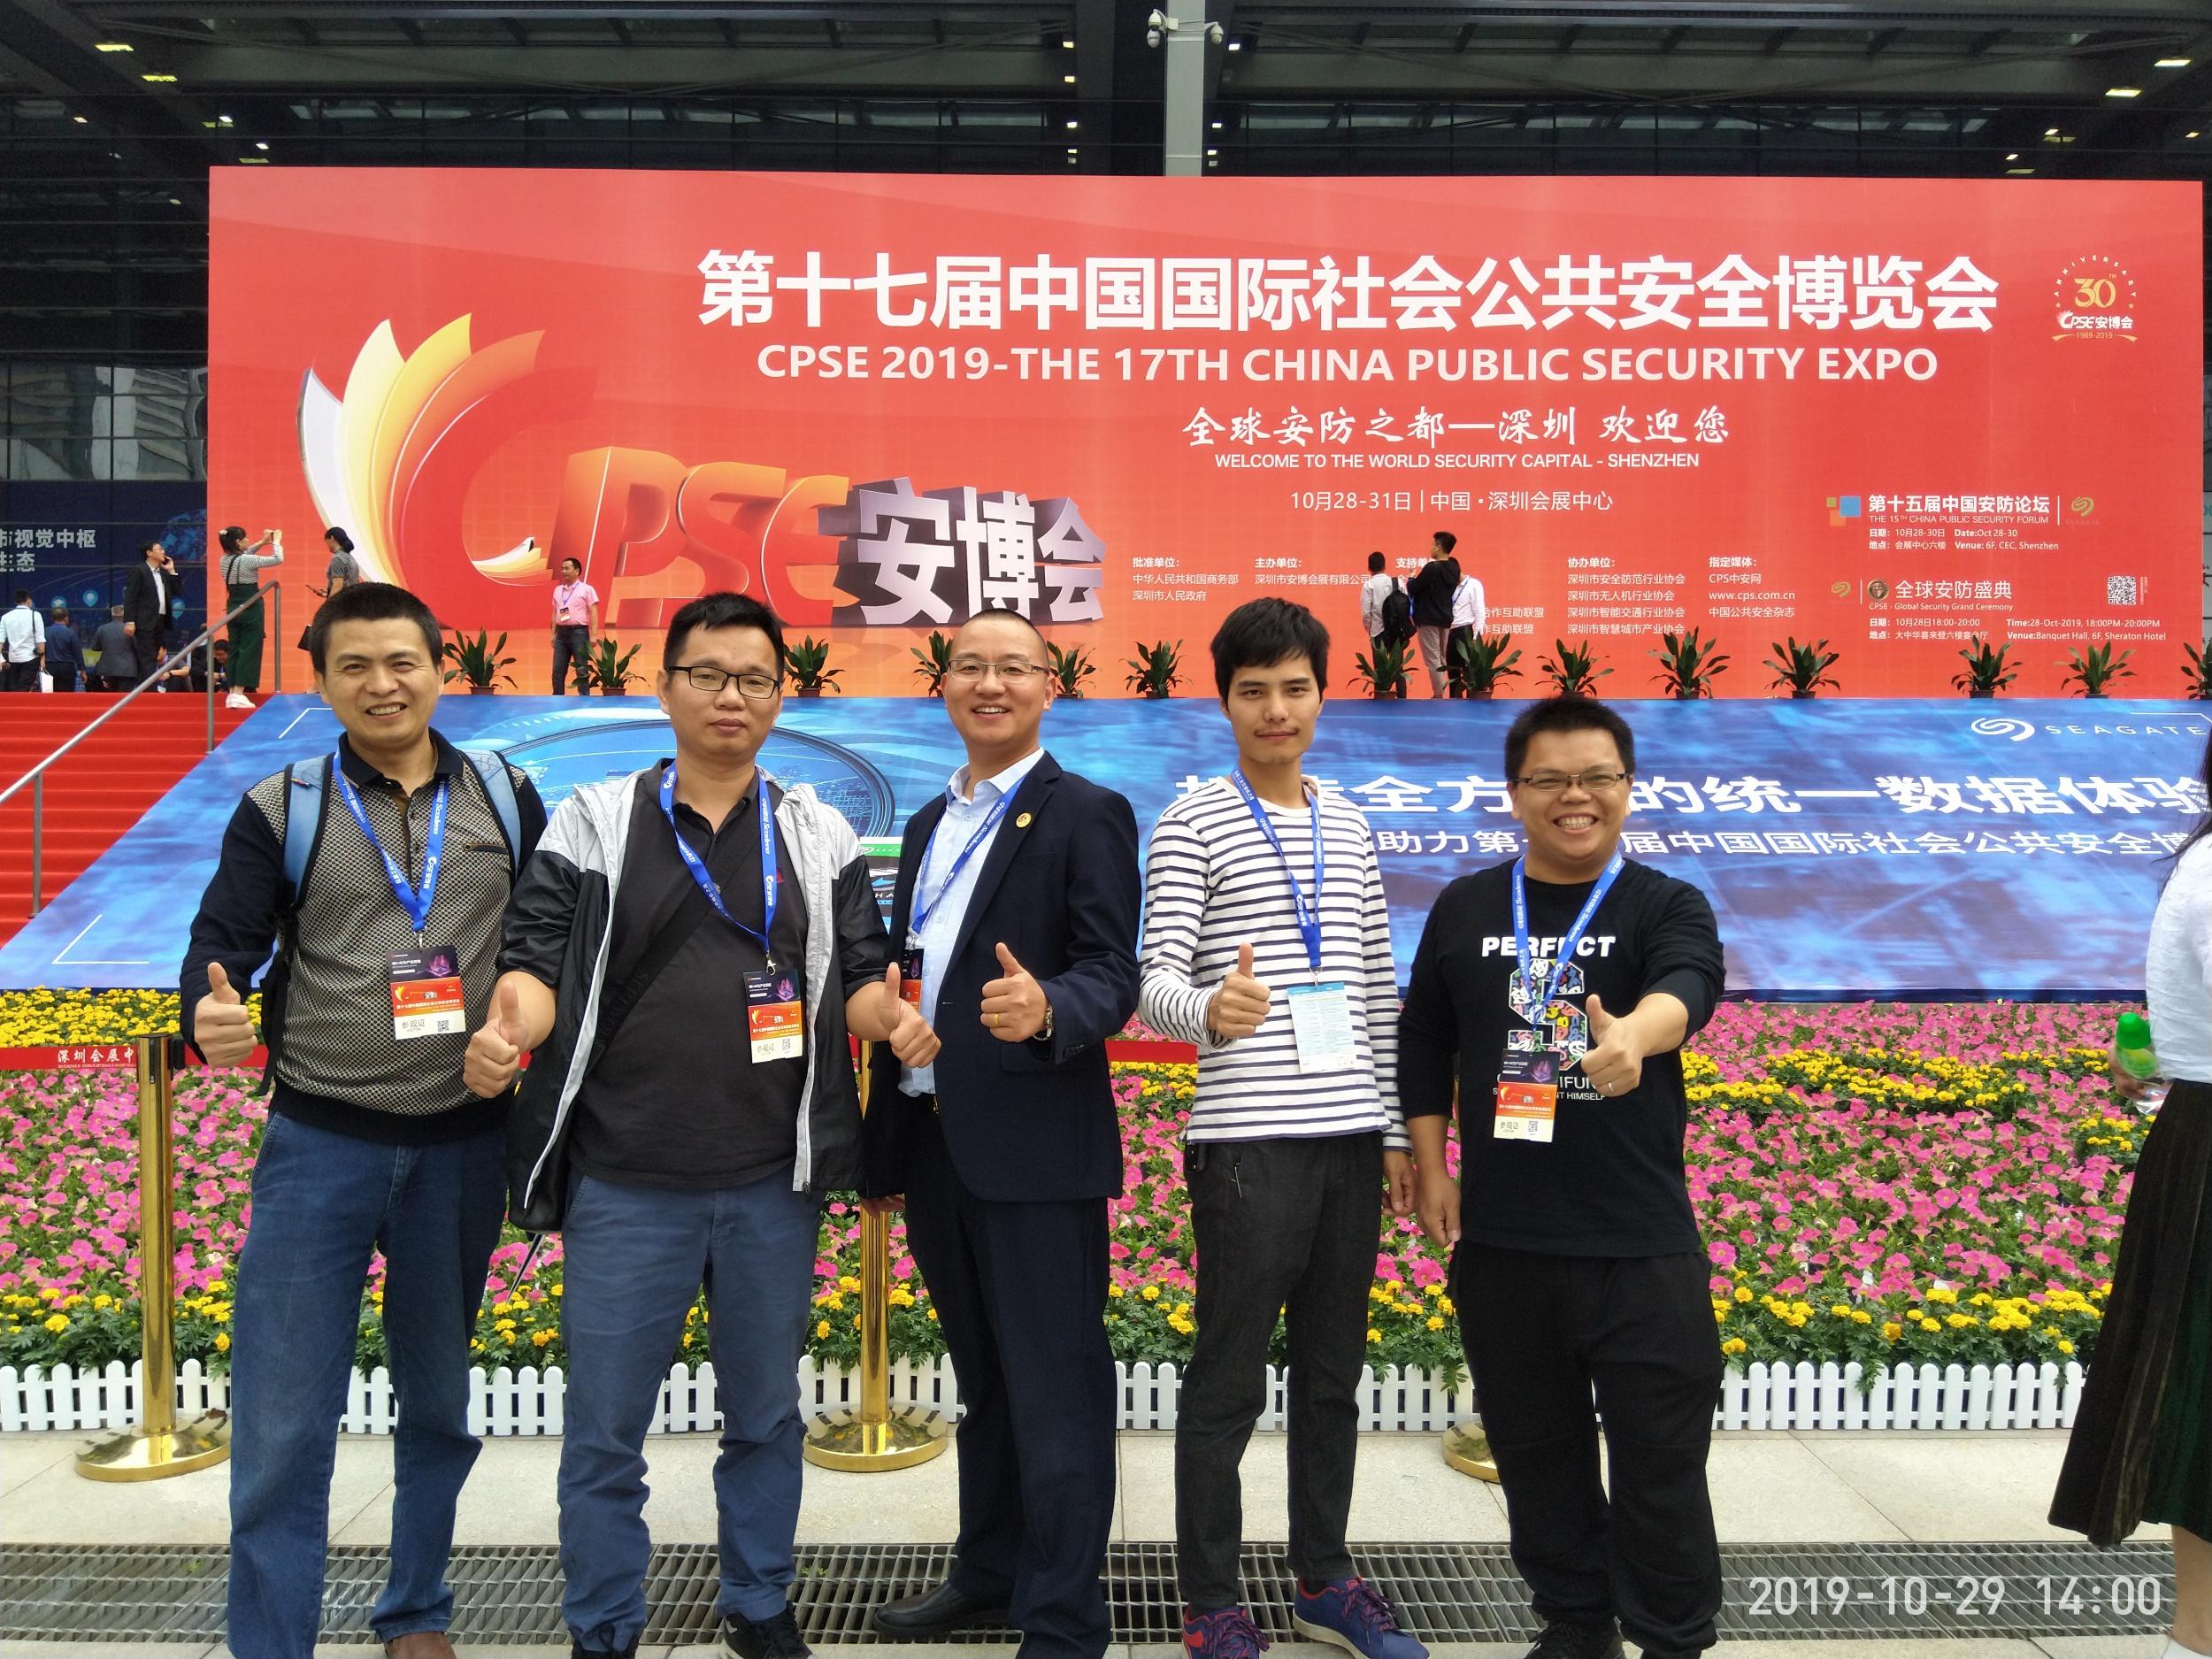 佛山IT协会参加深圳安博会部分合影